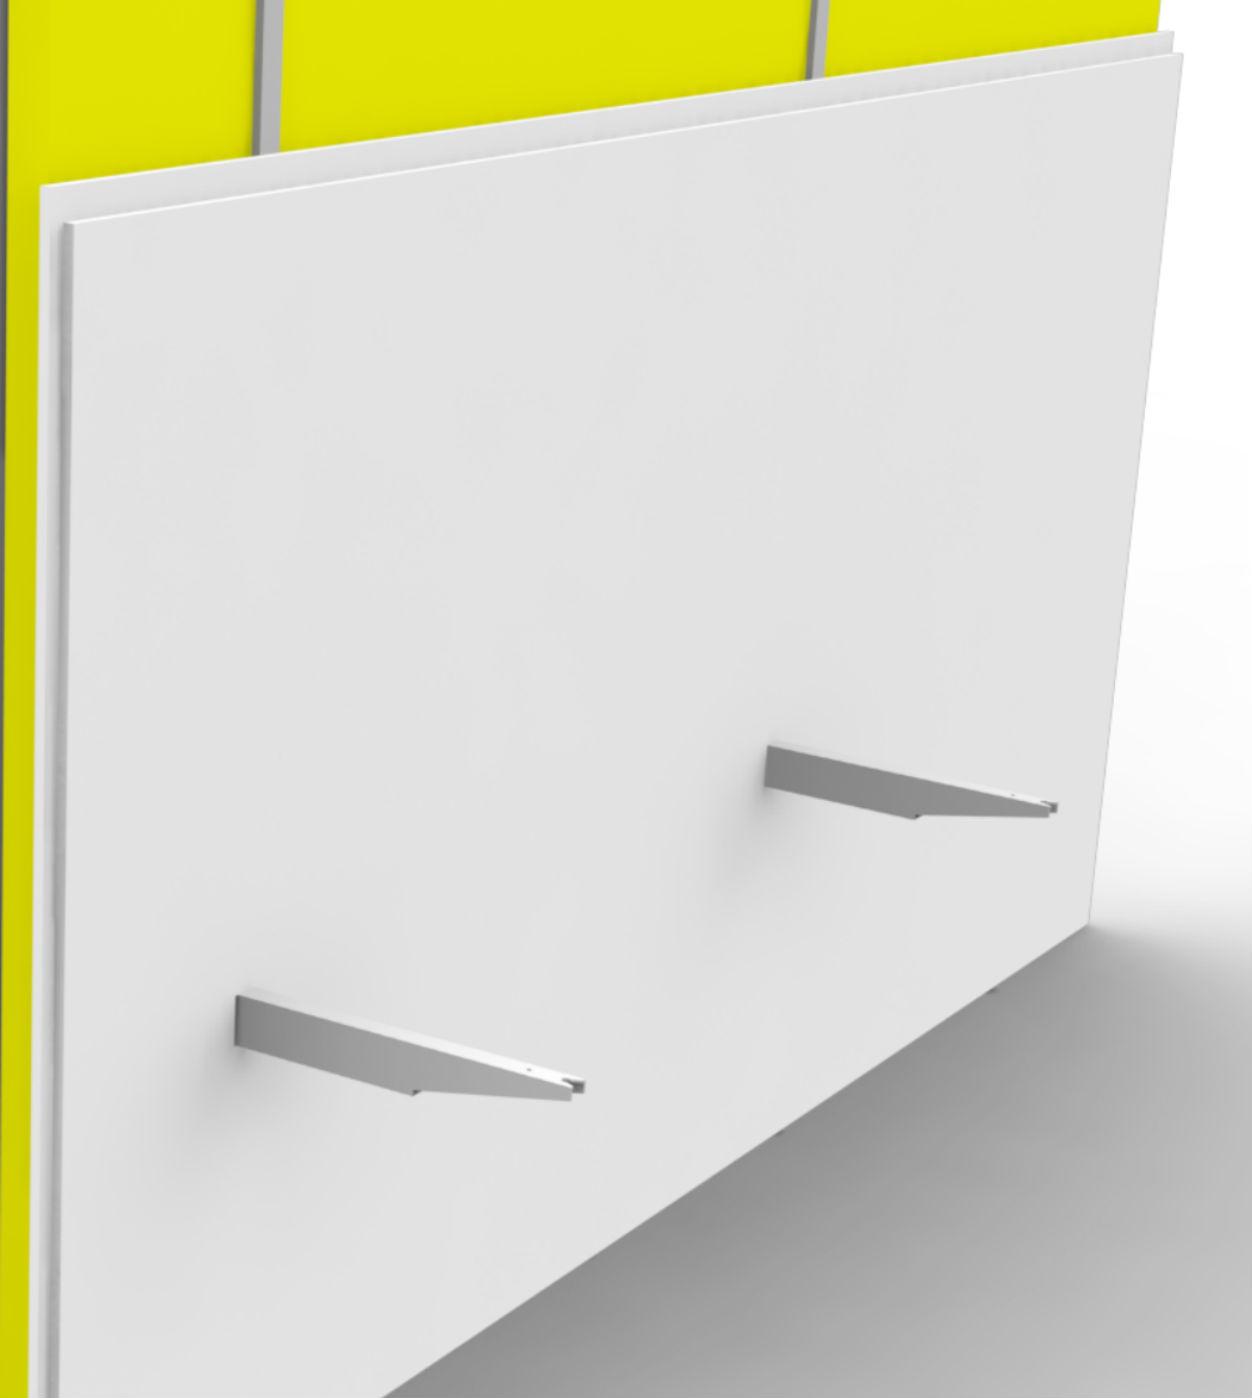 könnyűszerkezetes rendszer konzol maanodo® TECH